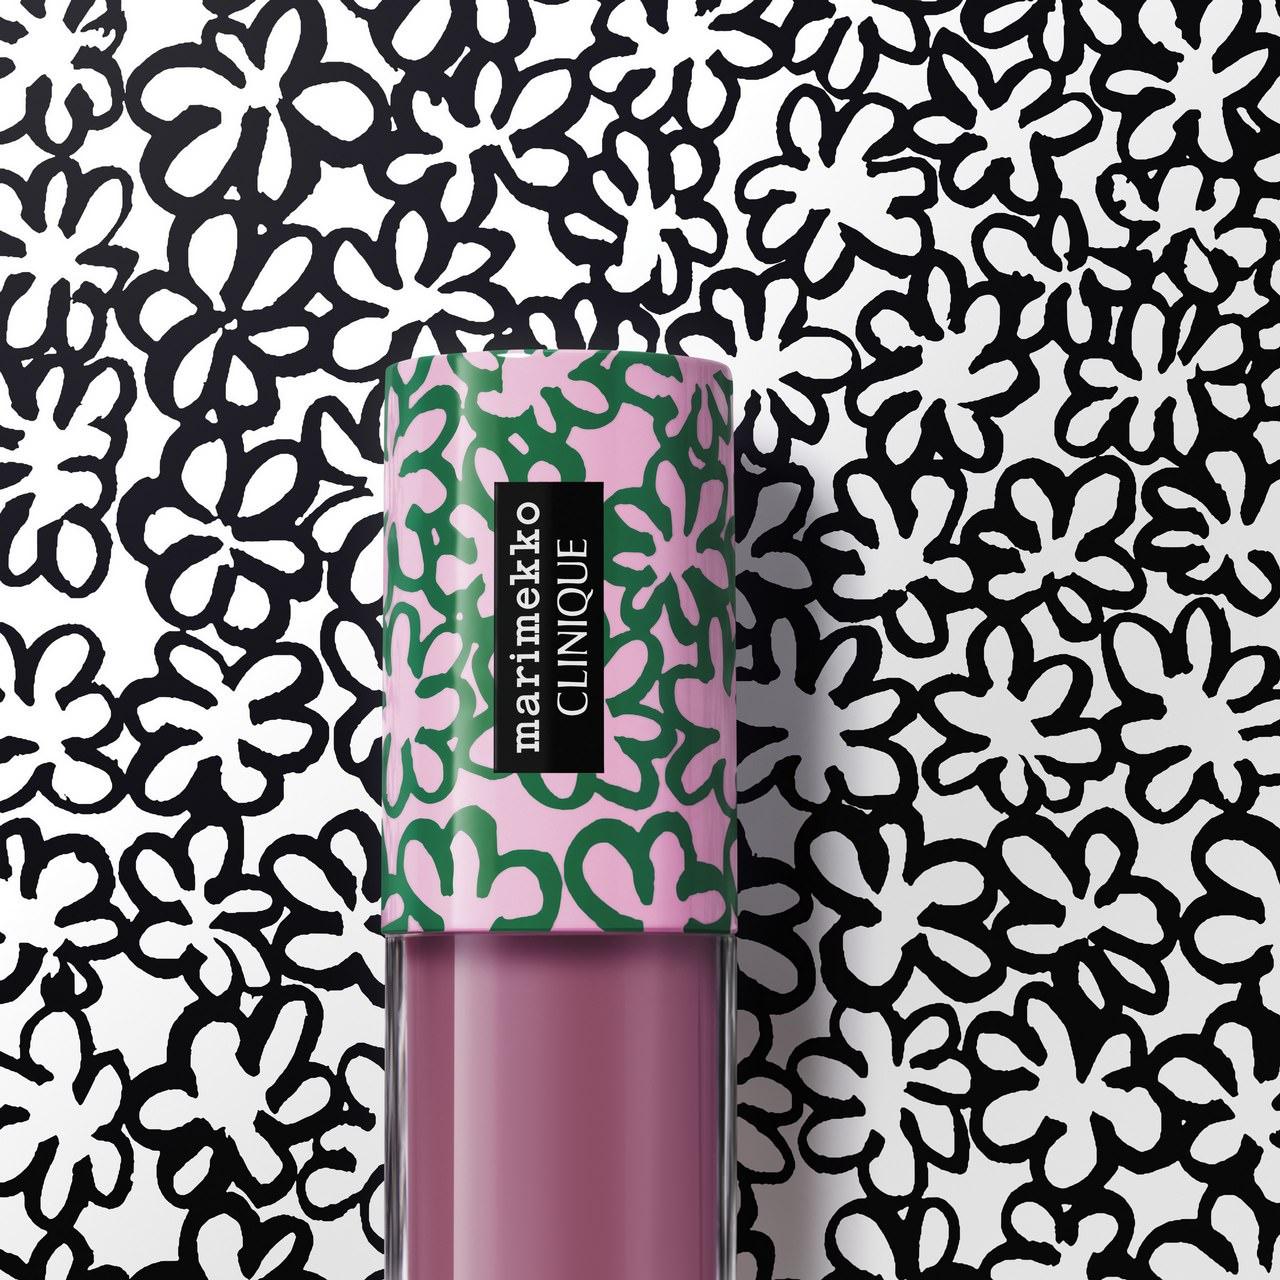 Beautynews bei der Schminktante: die limitierte Marimekko by Clinique Designedition.